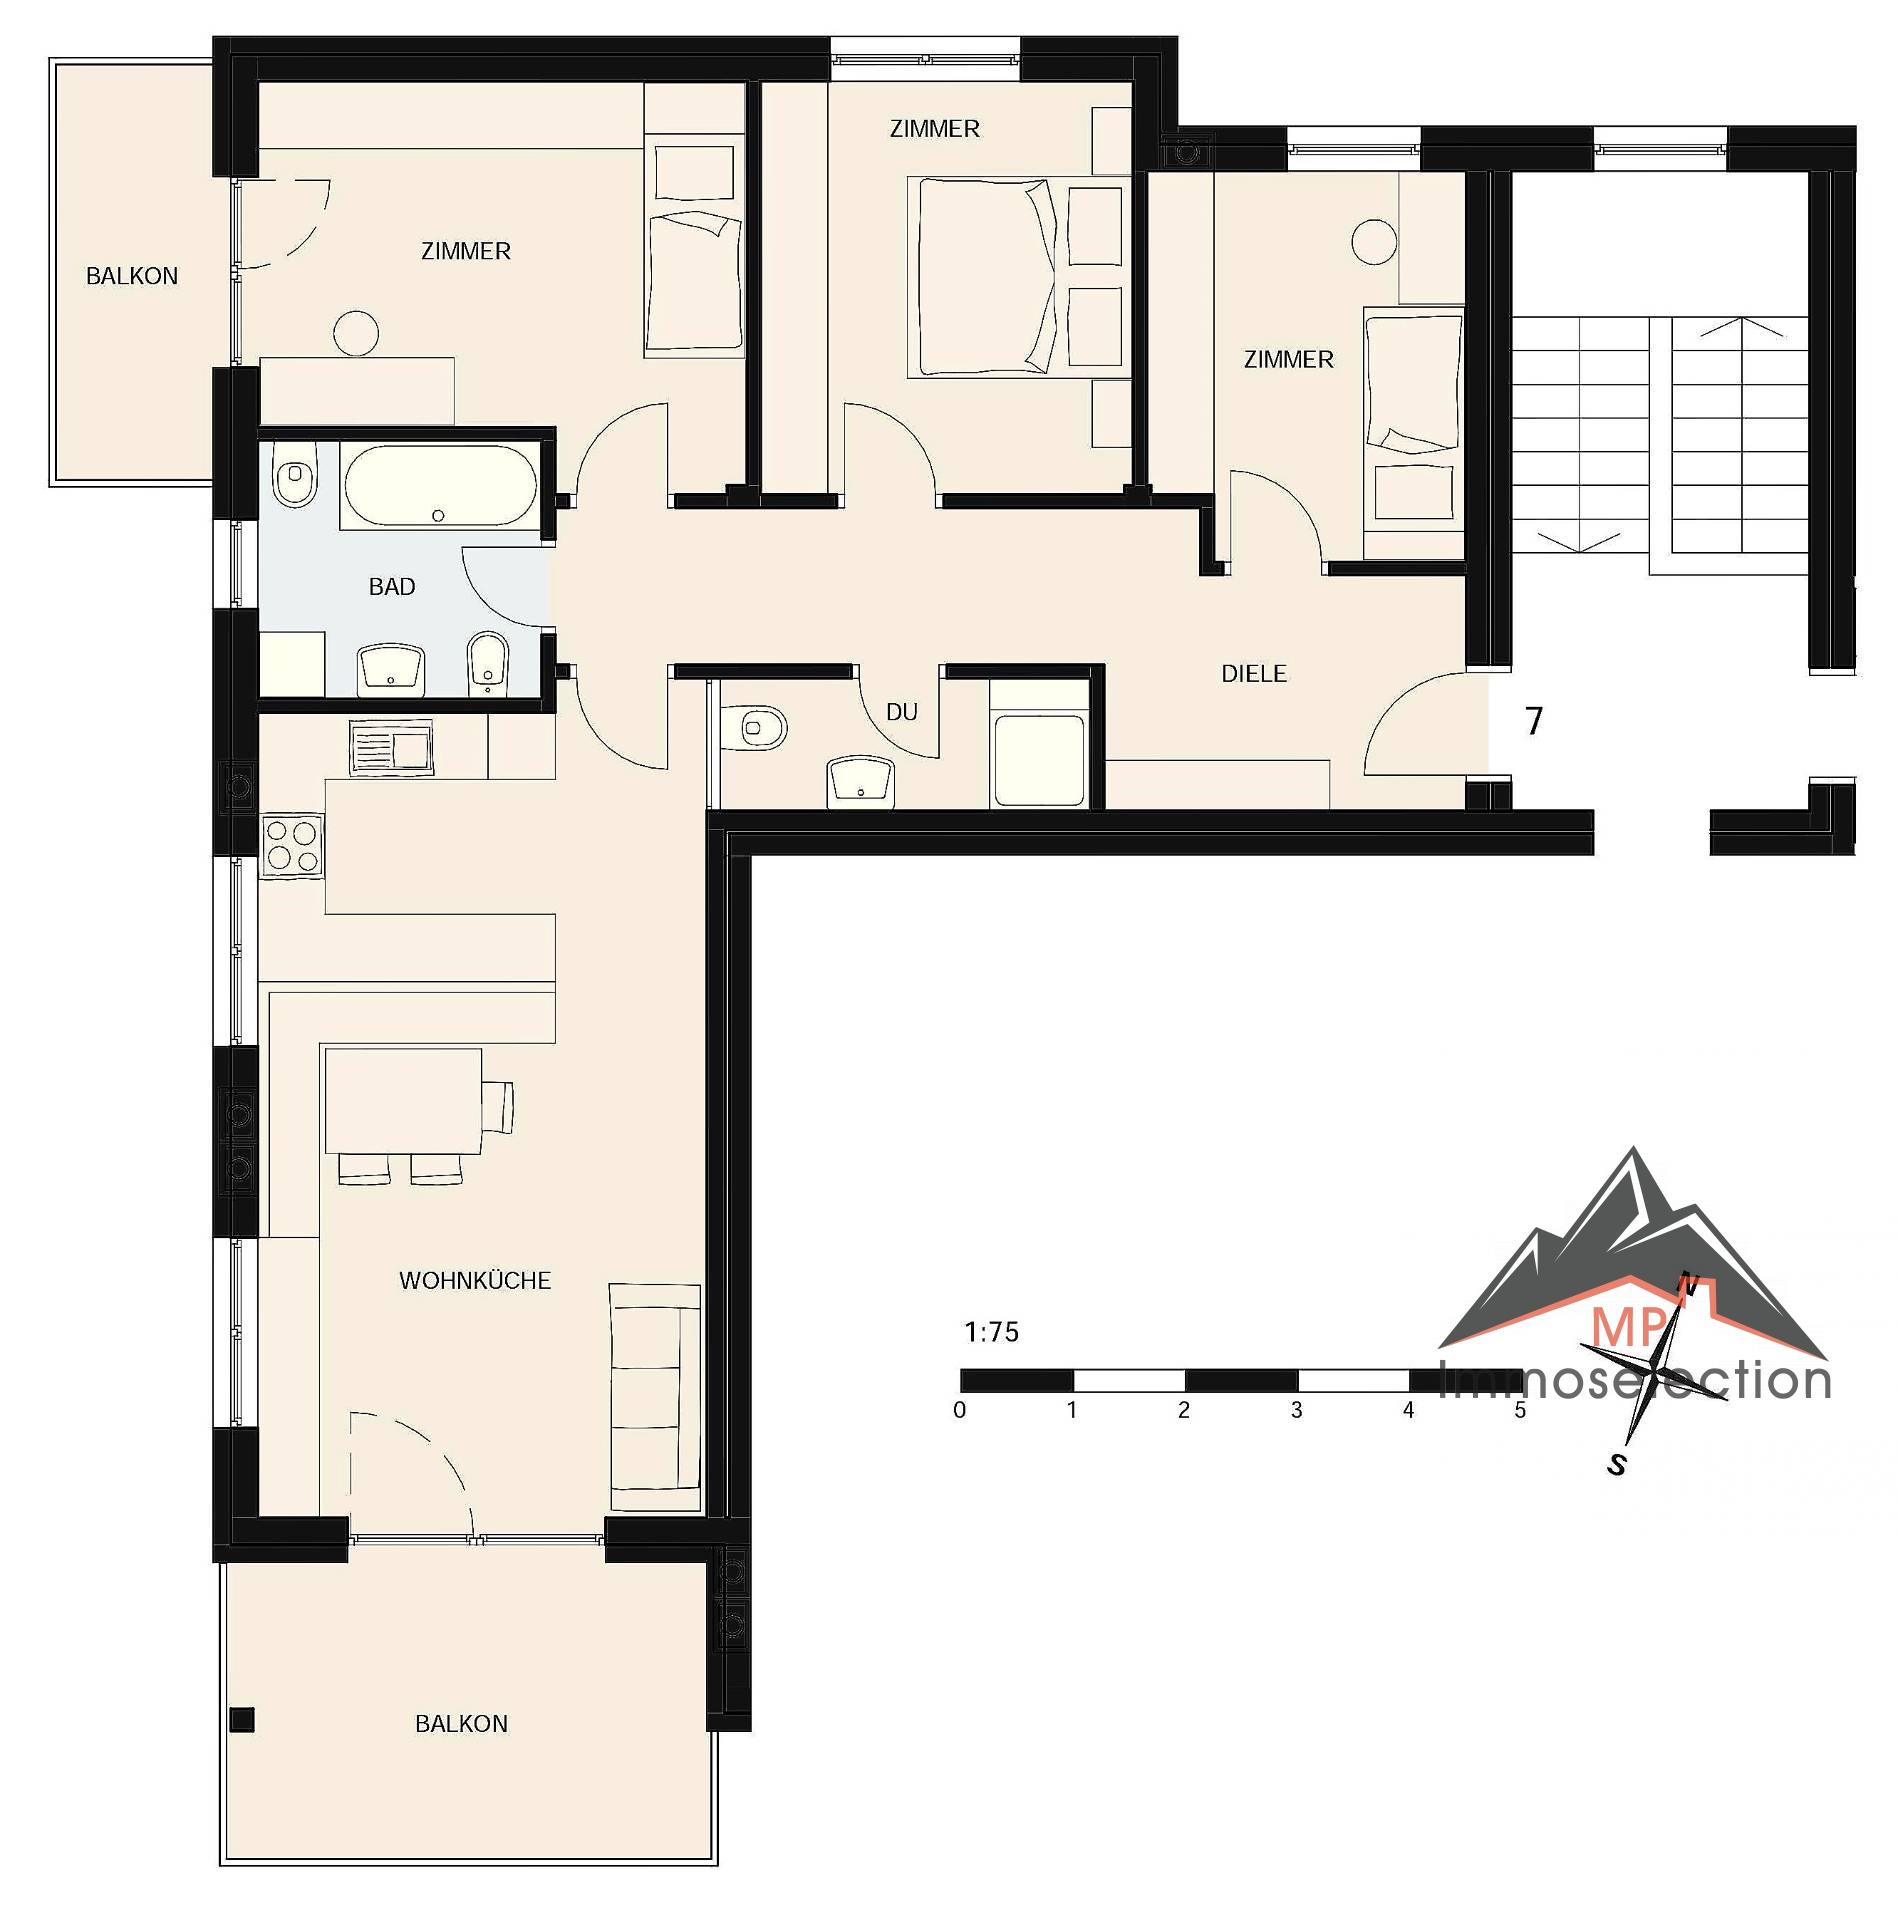 Appartamento in vendita a Chienes, 4 locali, zona Zona: Casteldarne, prezzo € 310.000 | CambioCasa.it